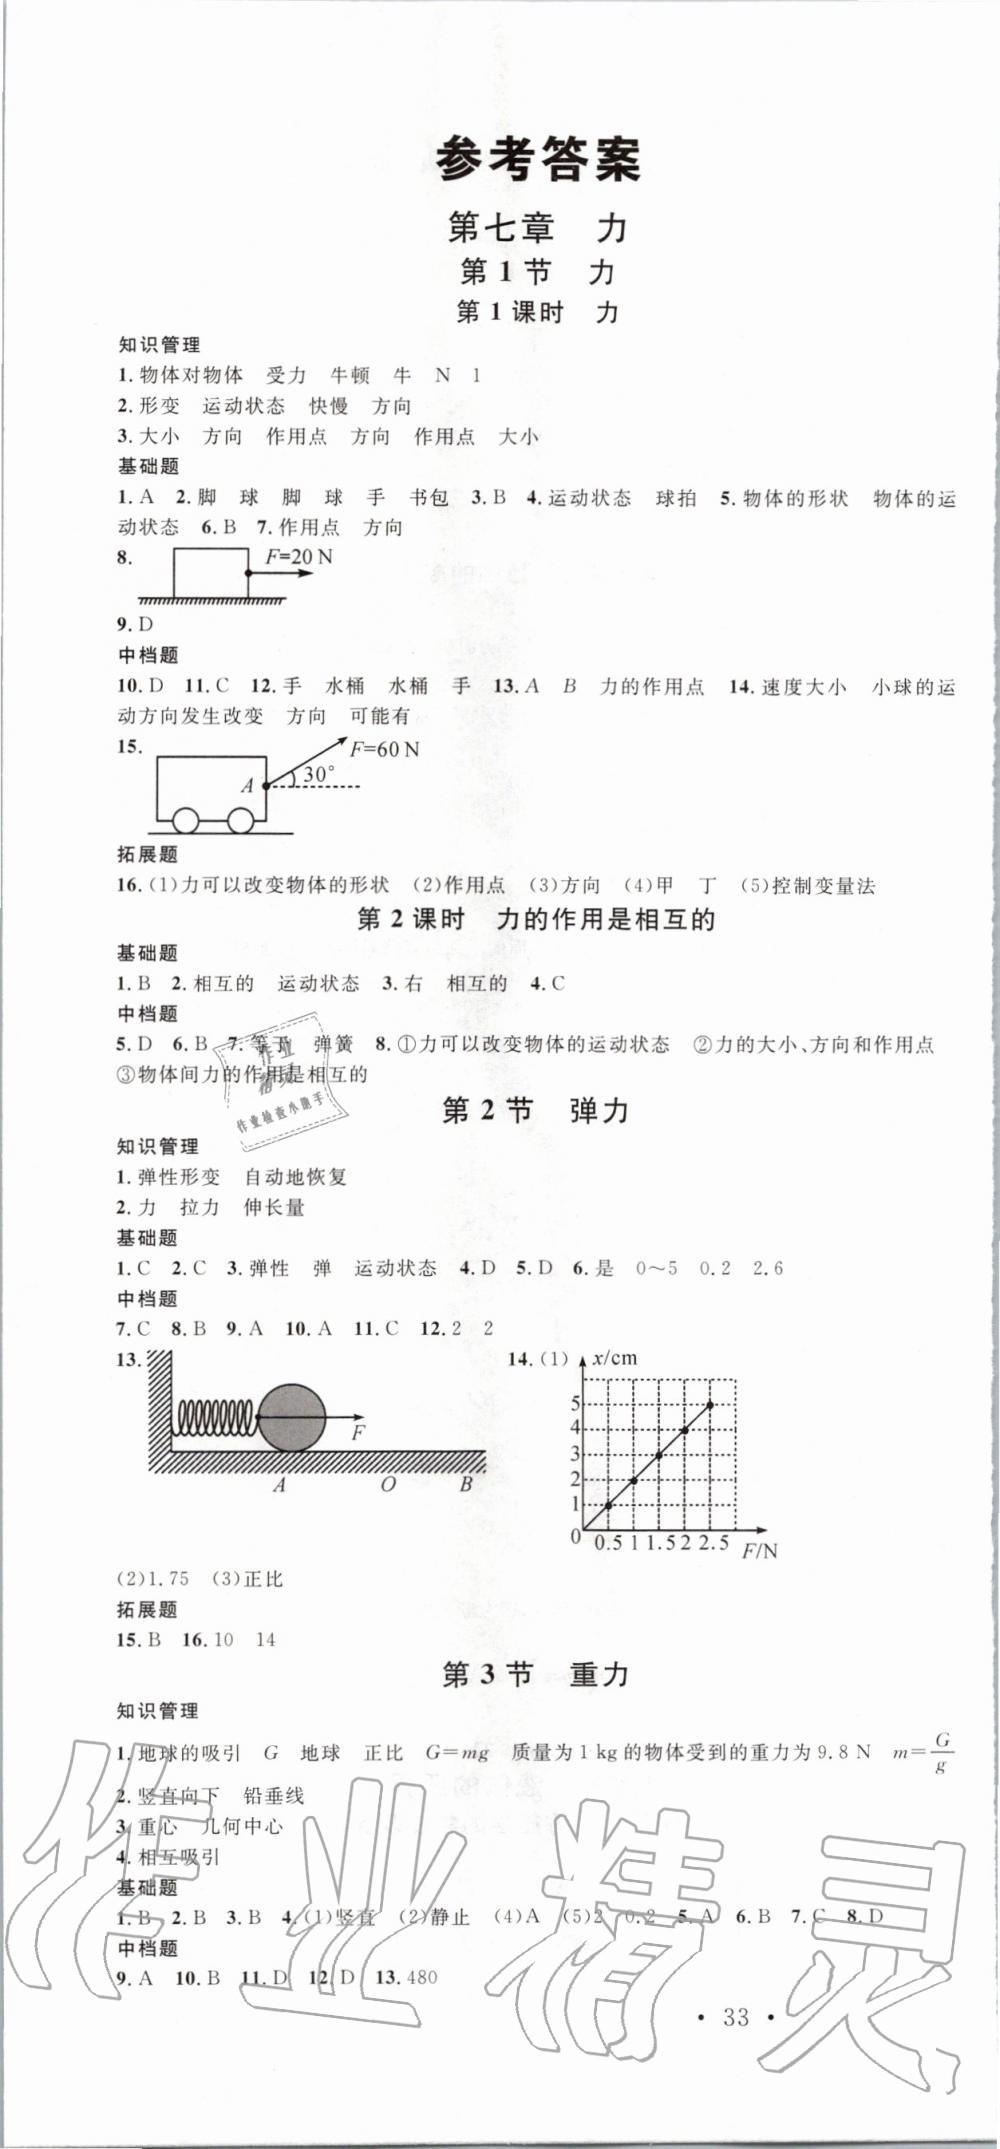 2020年名校課堂八年級物理下冊人教版第1頁